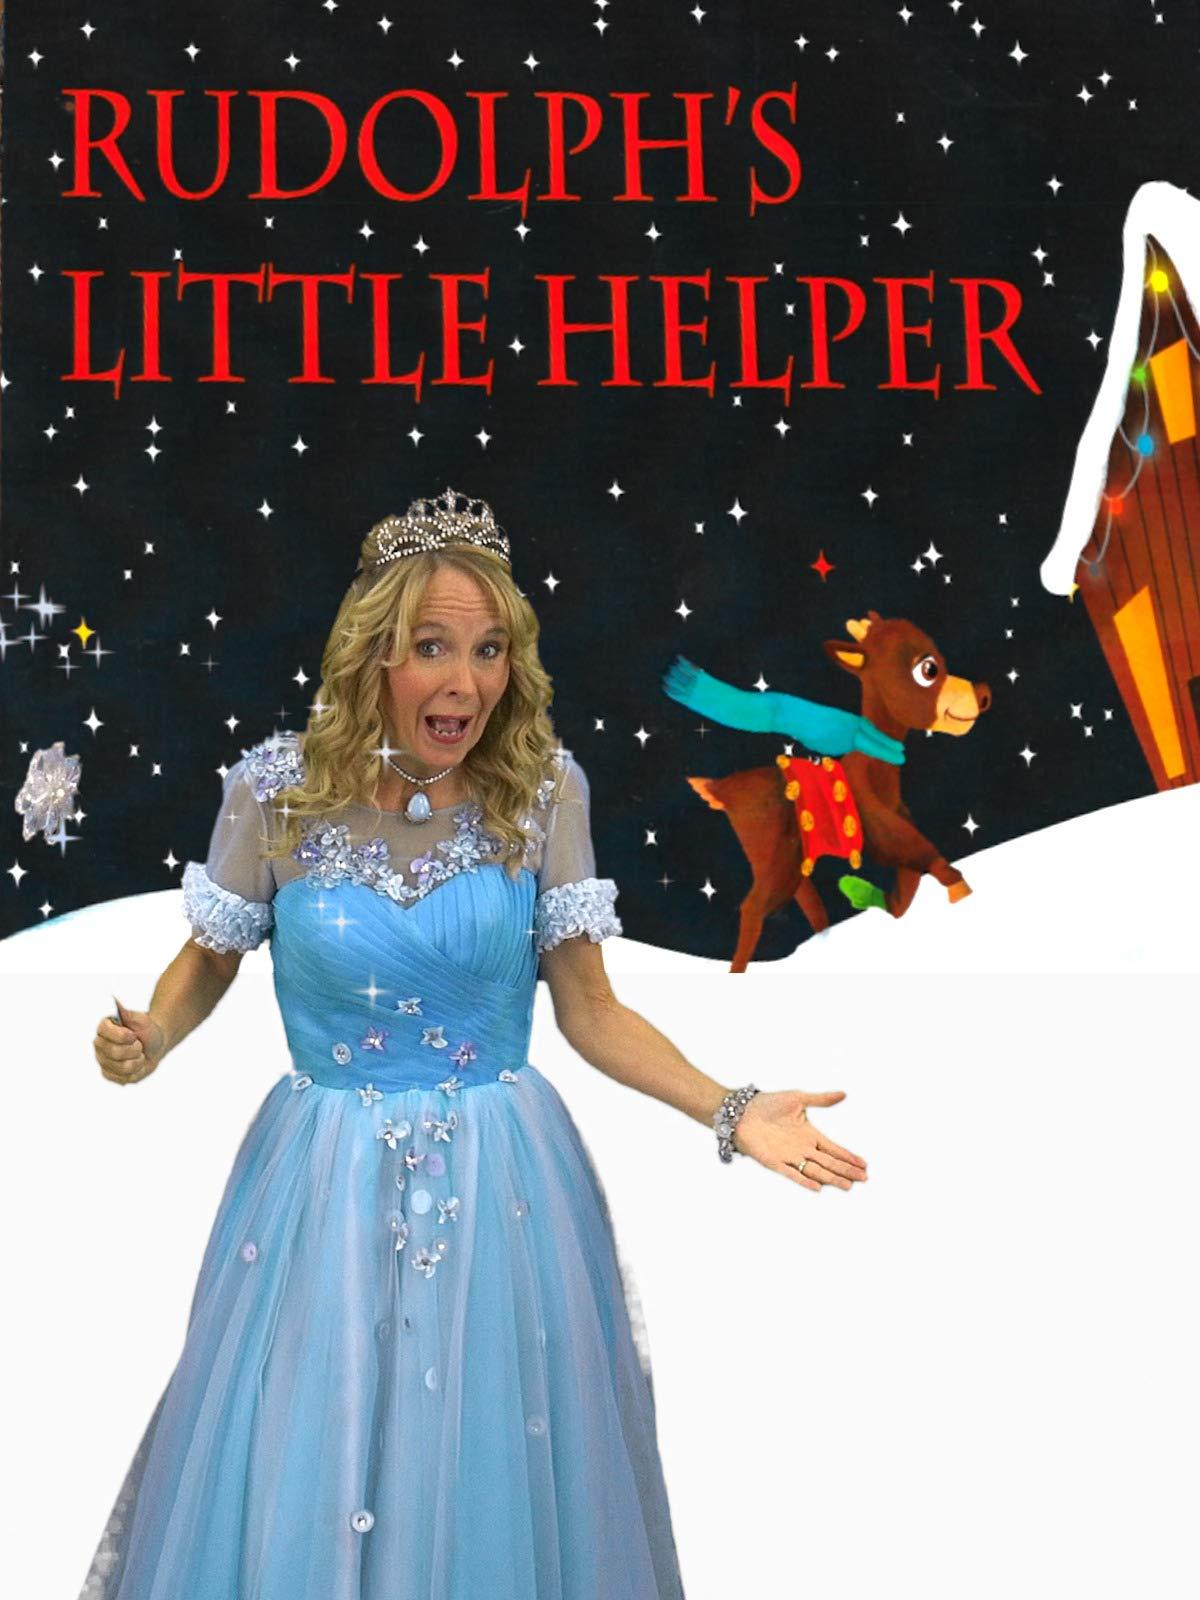 Rudolph's Little Helper